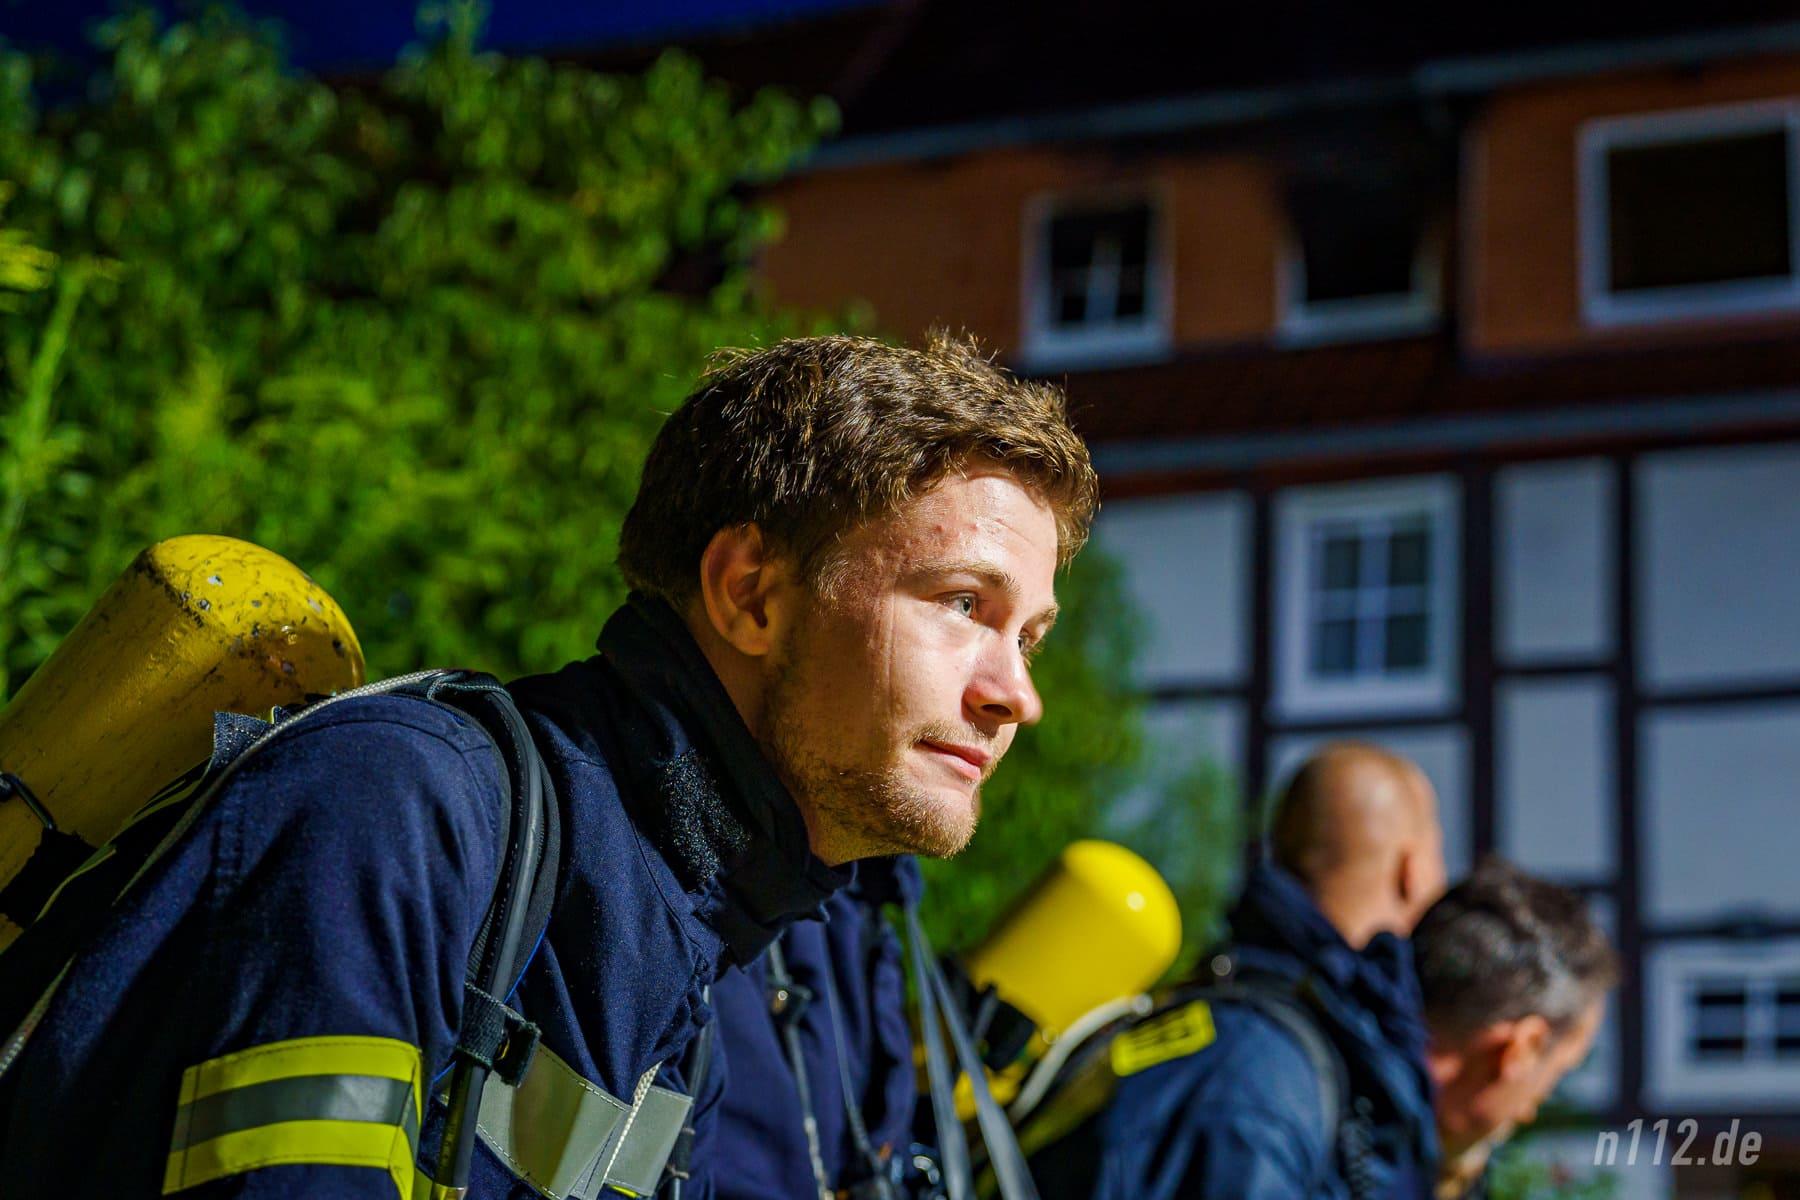 In Bereitschaft: Ein Atemschutzgeräteträger wartet auf seinen Einsatz (Foto: n112.de/Stefan Simonsen)